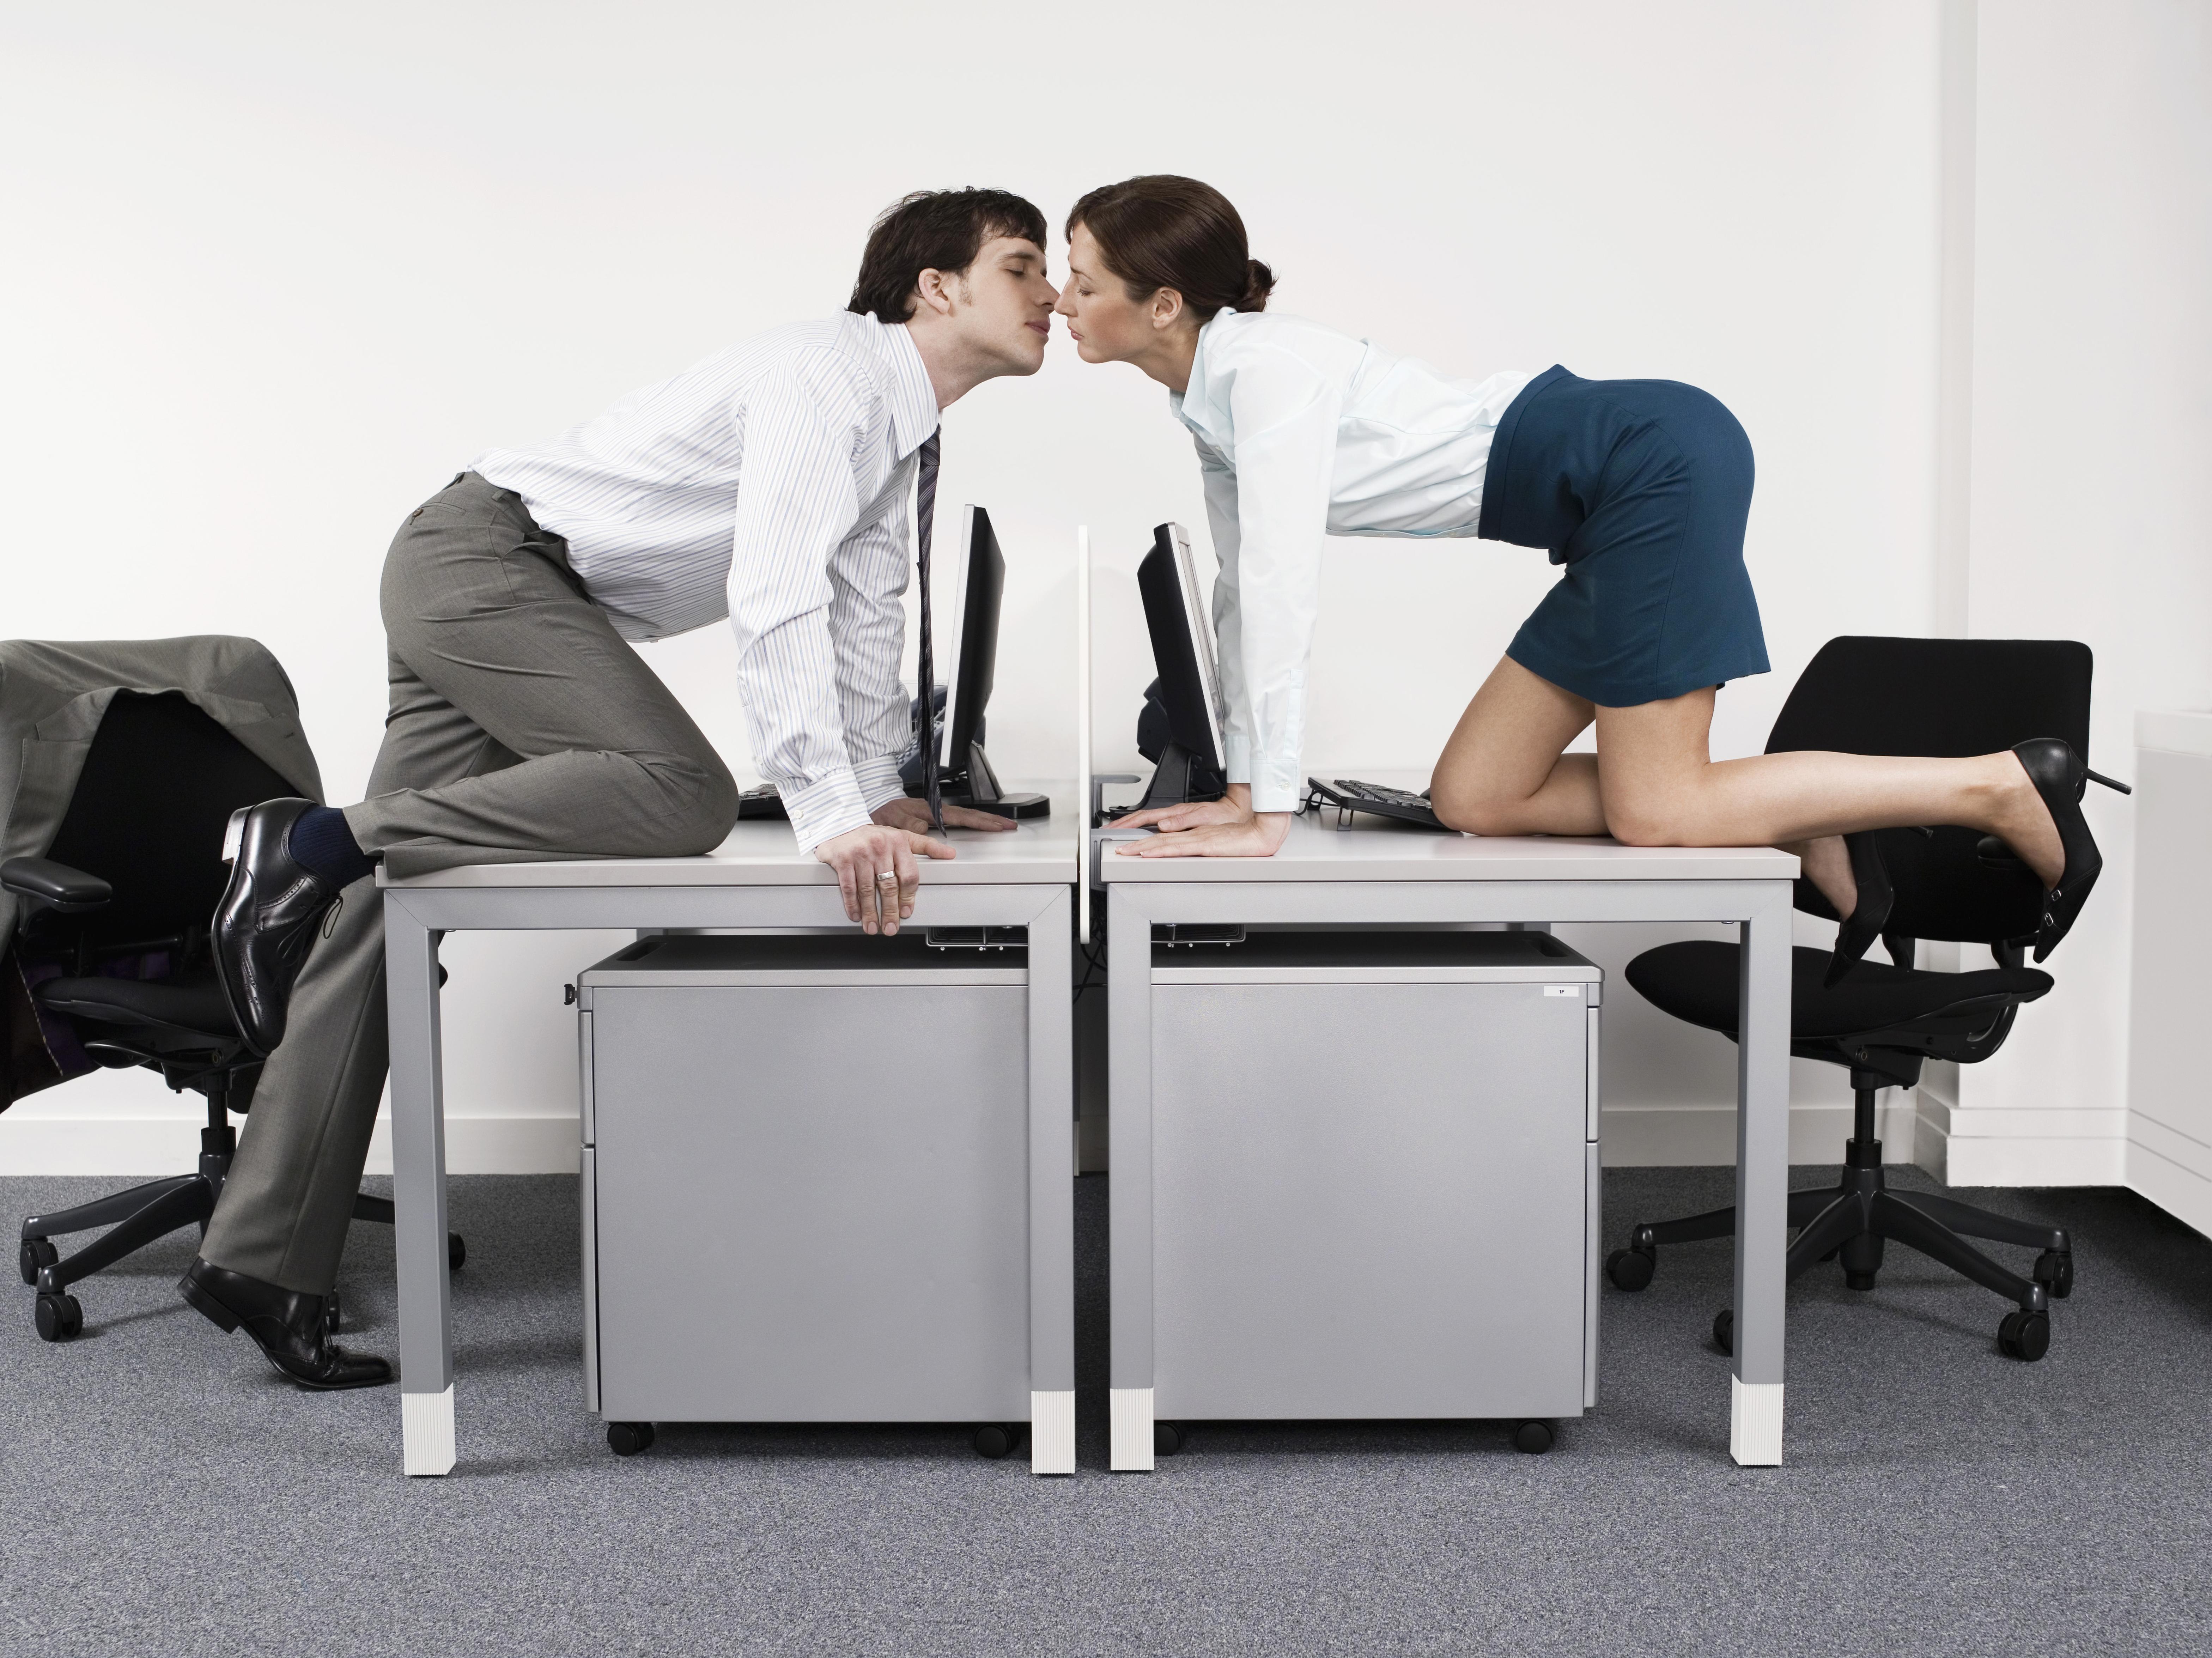 секс ролик на работе - 4